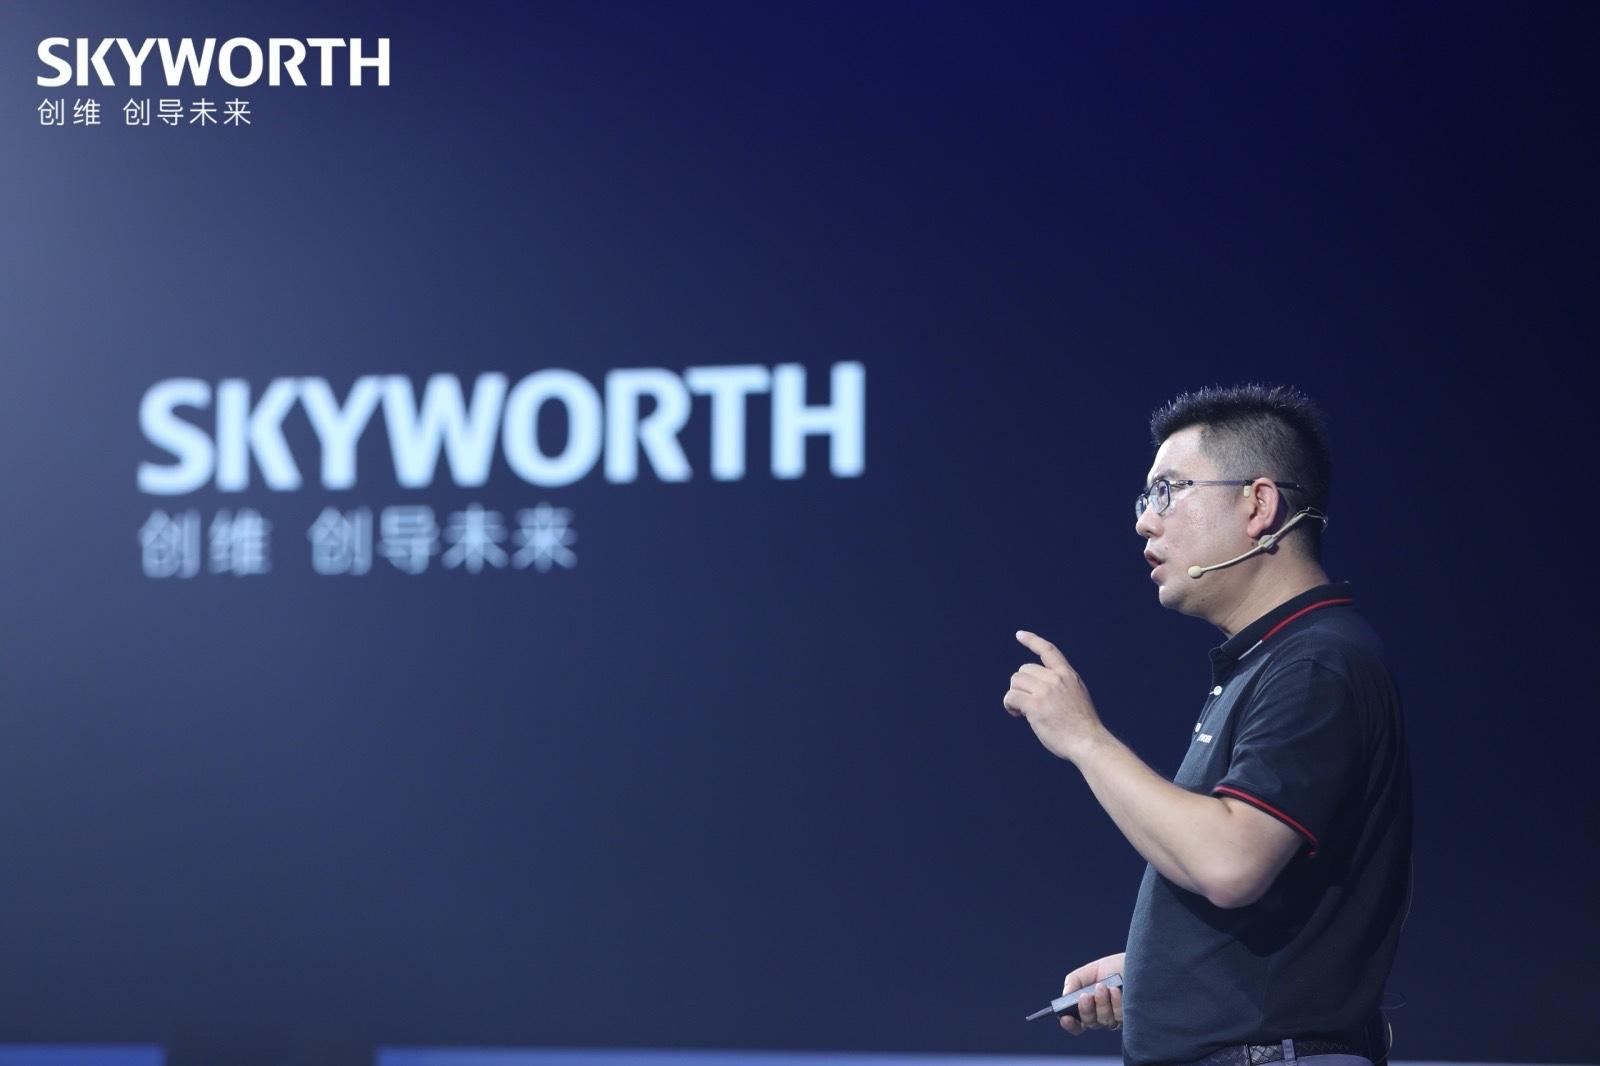 超高刷新率与超高清画质!创维推顶级游戏装备S81 Pro  智能公会